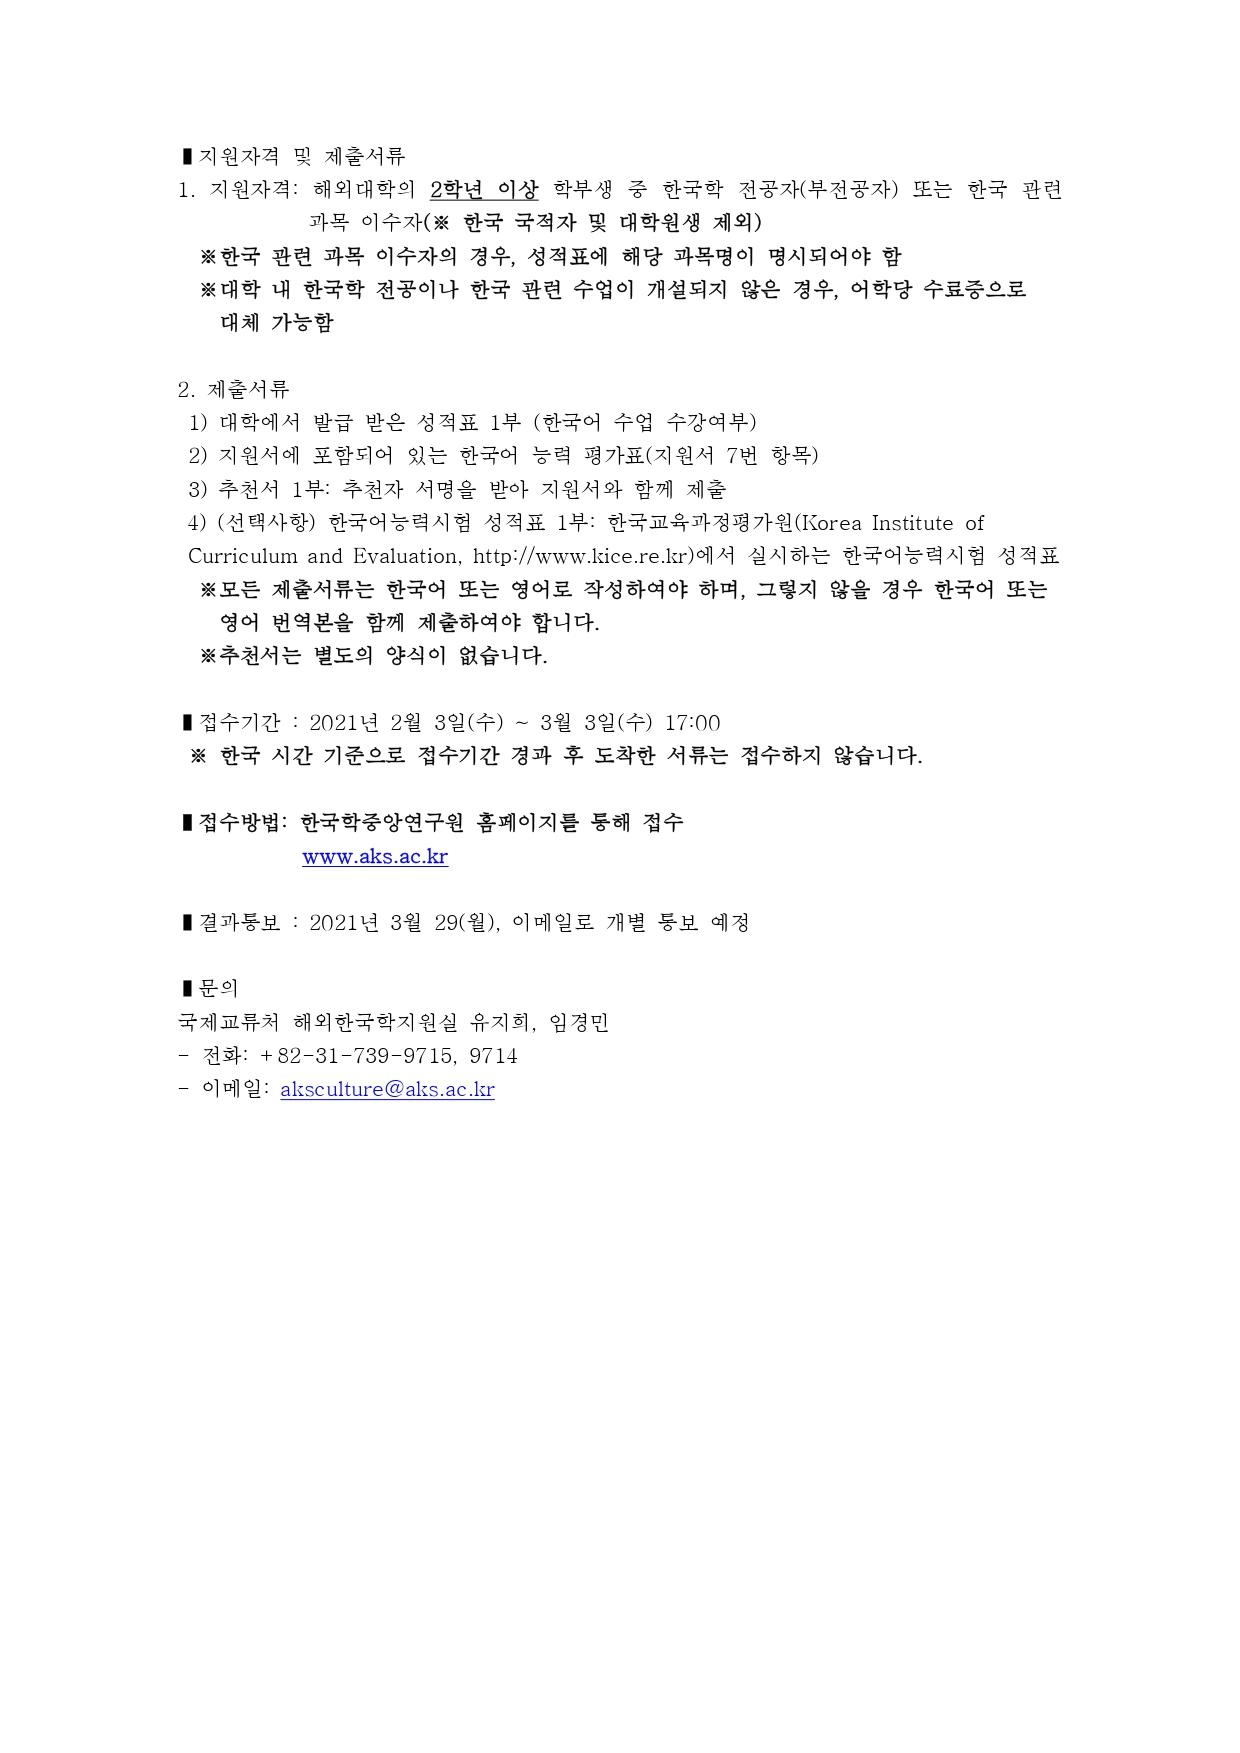 [붙임]제30회, 제31회 한국문화강좌 공고문_page-0002.jpg